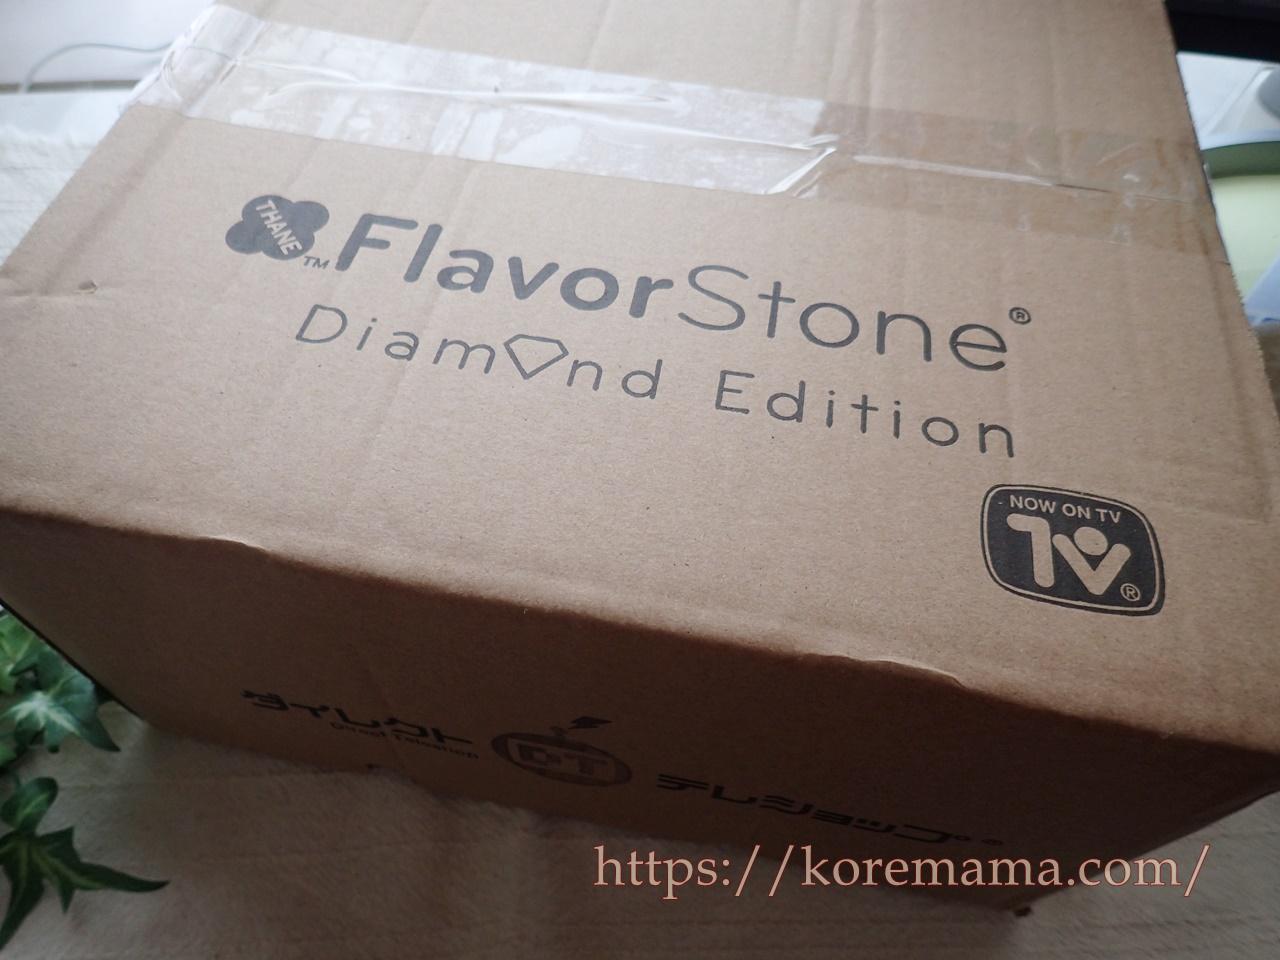 「フレーバーストーン ダイヤモンドエディション」の口コミ